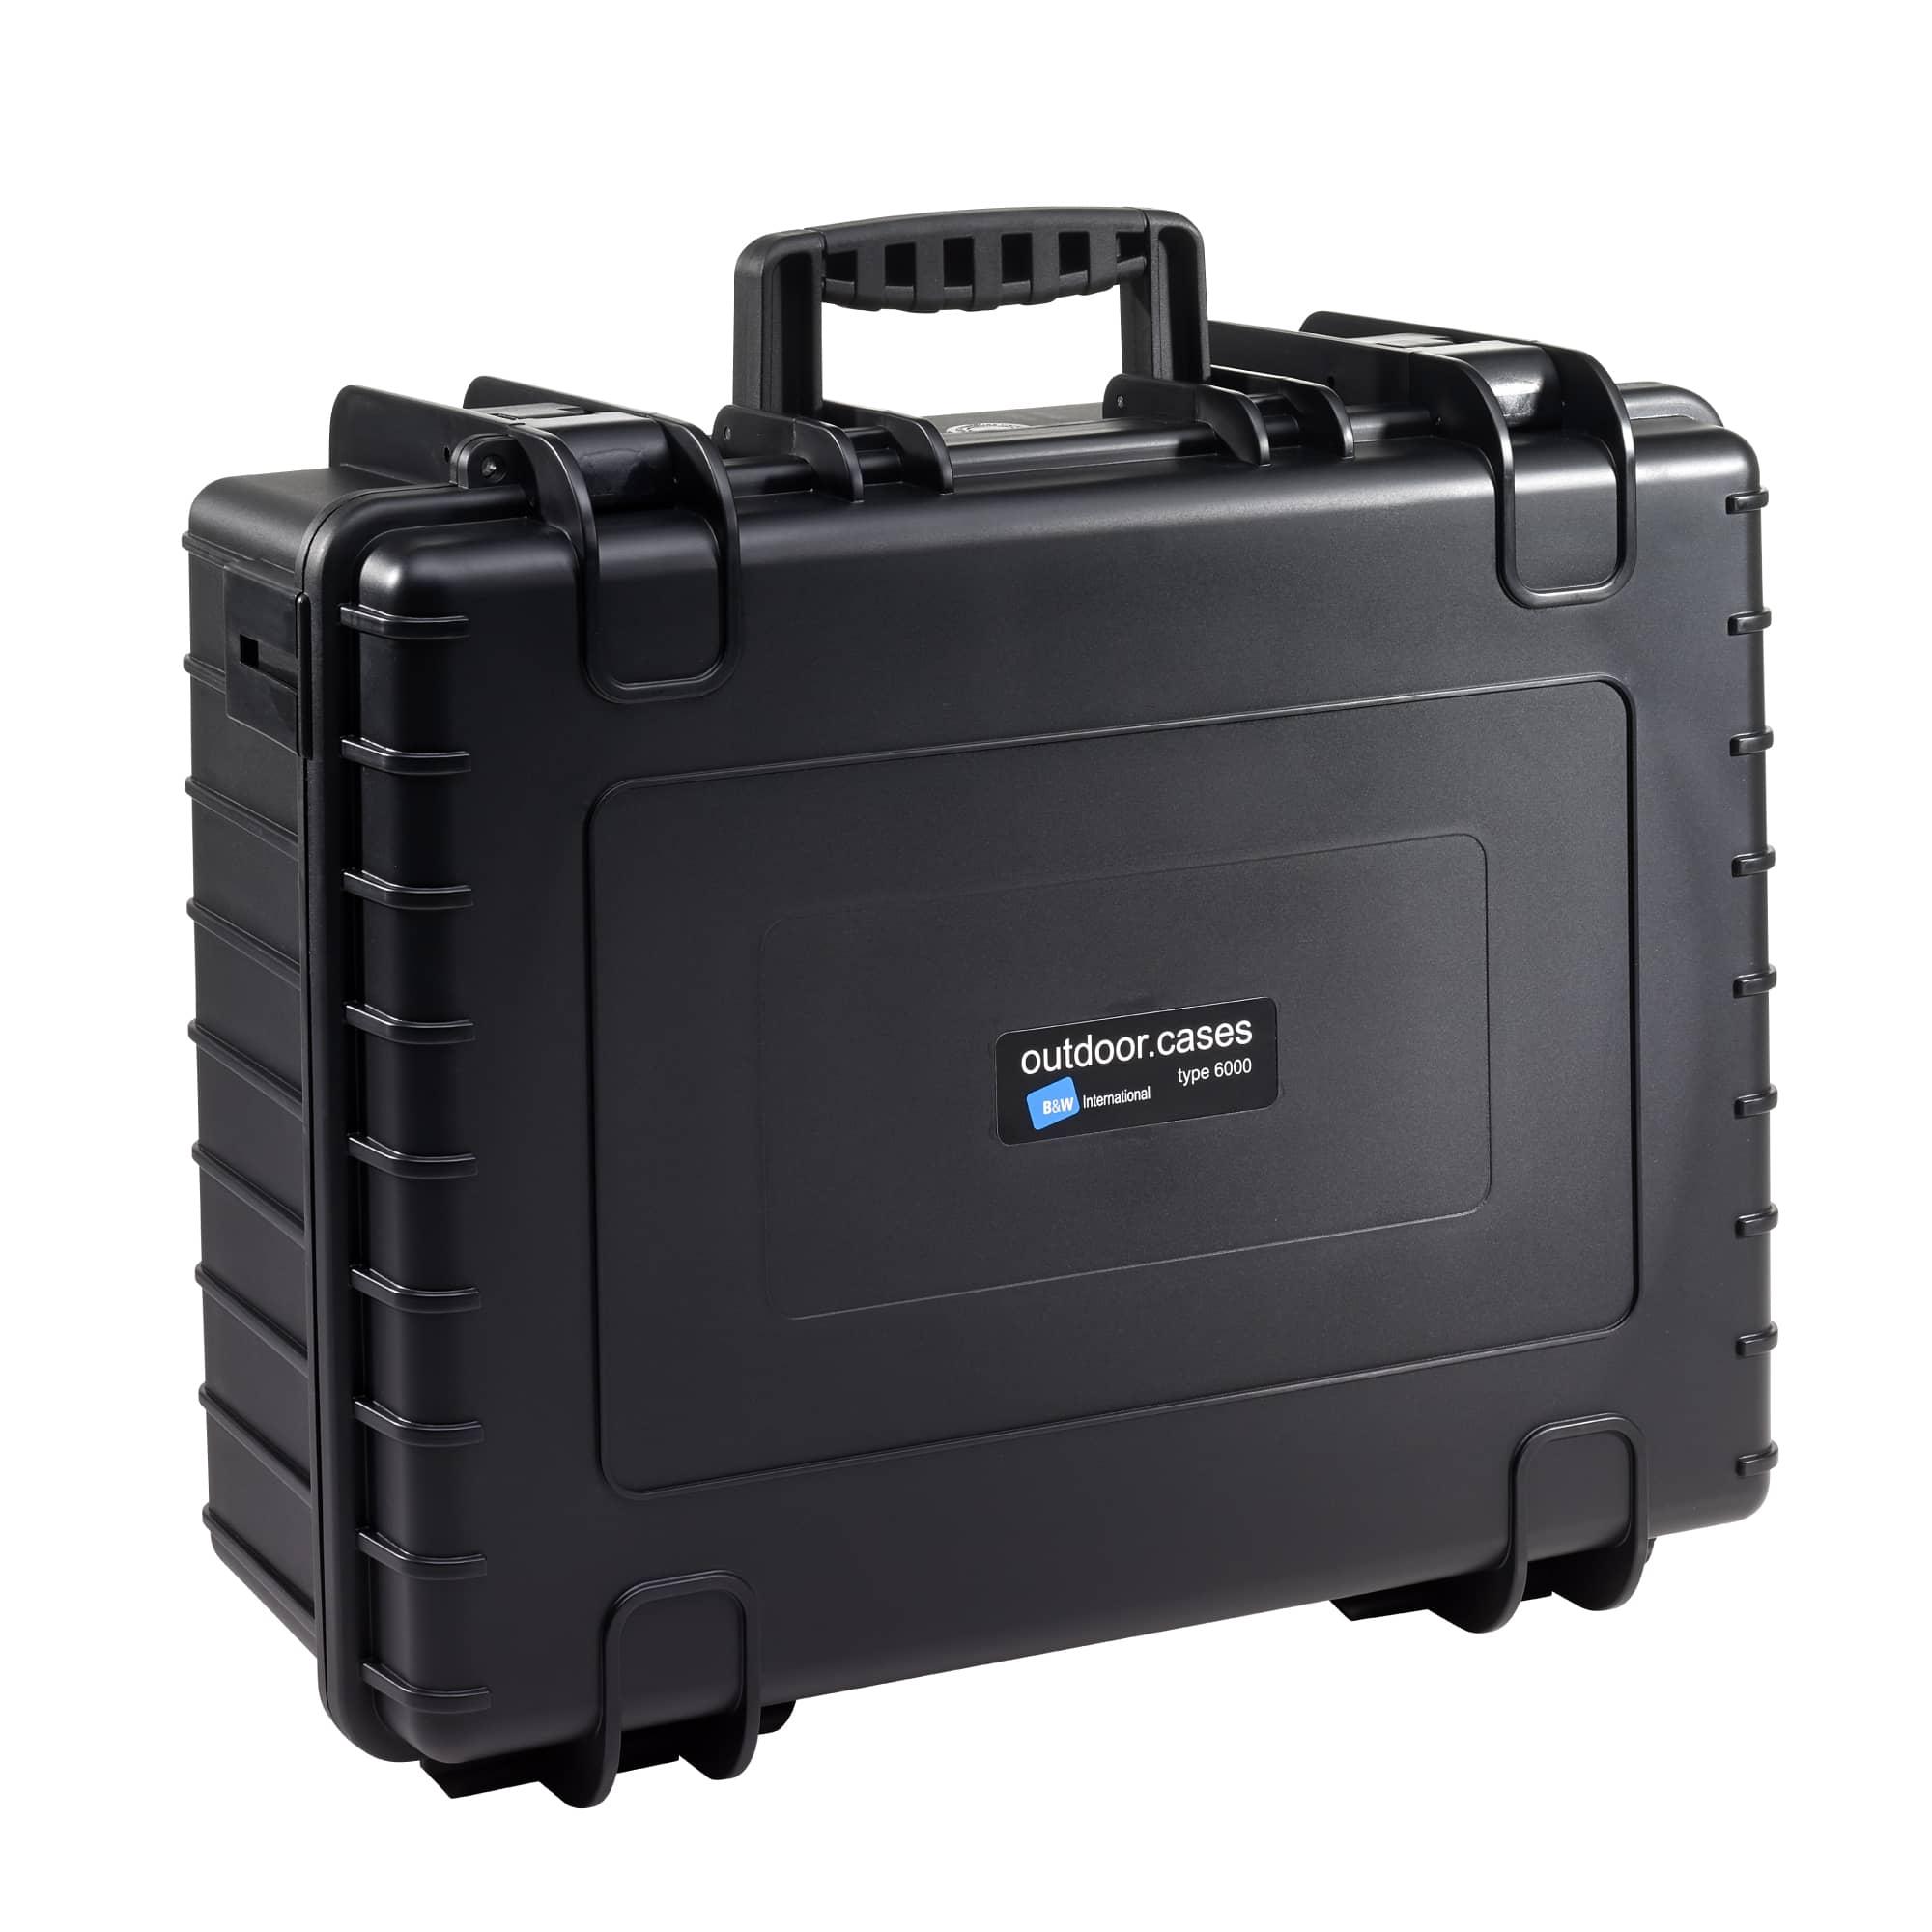 B&W Outdoor Case Typ 6000